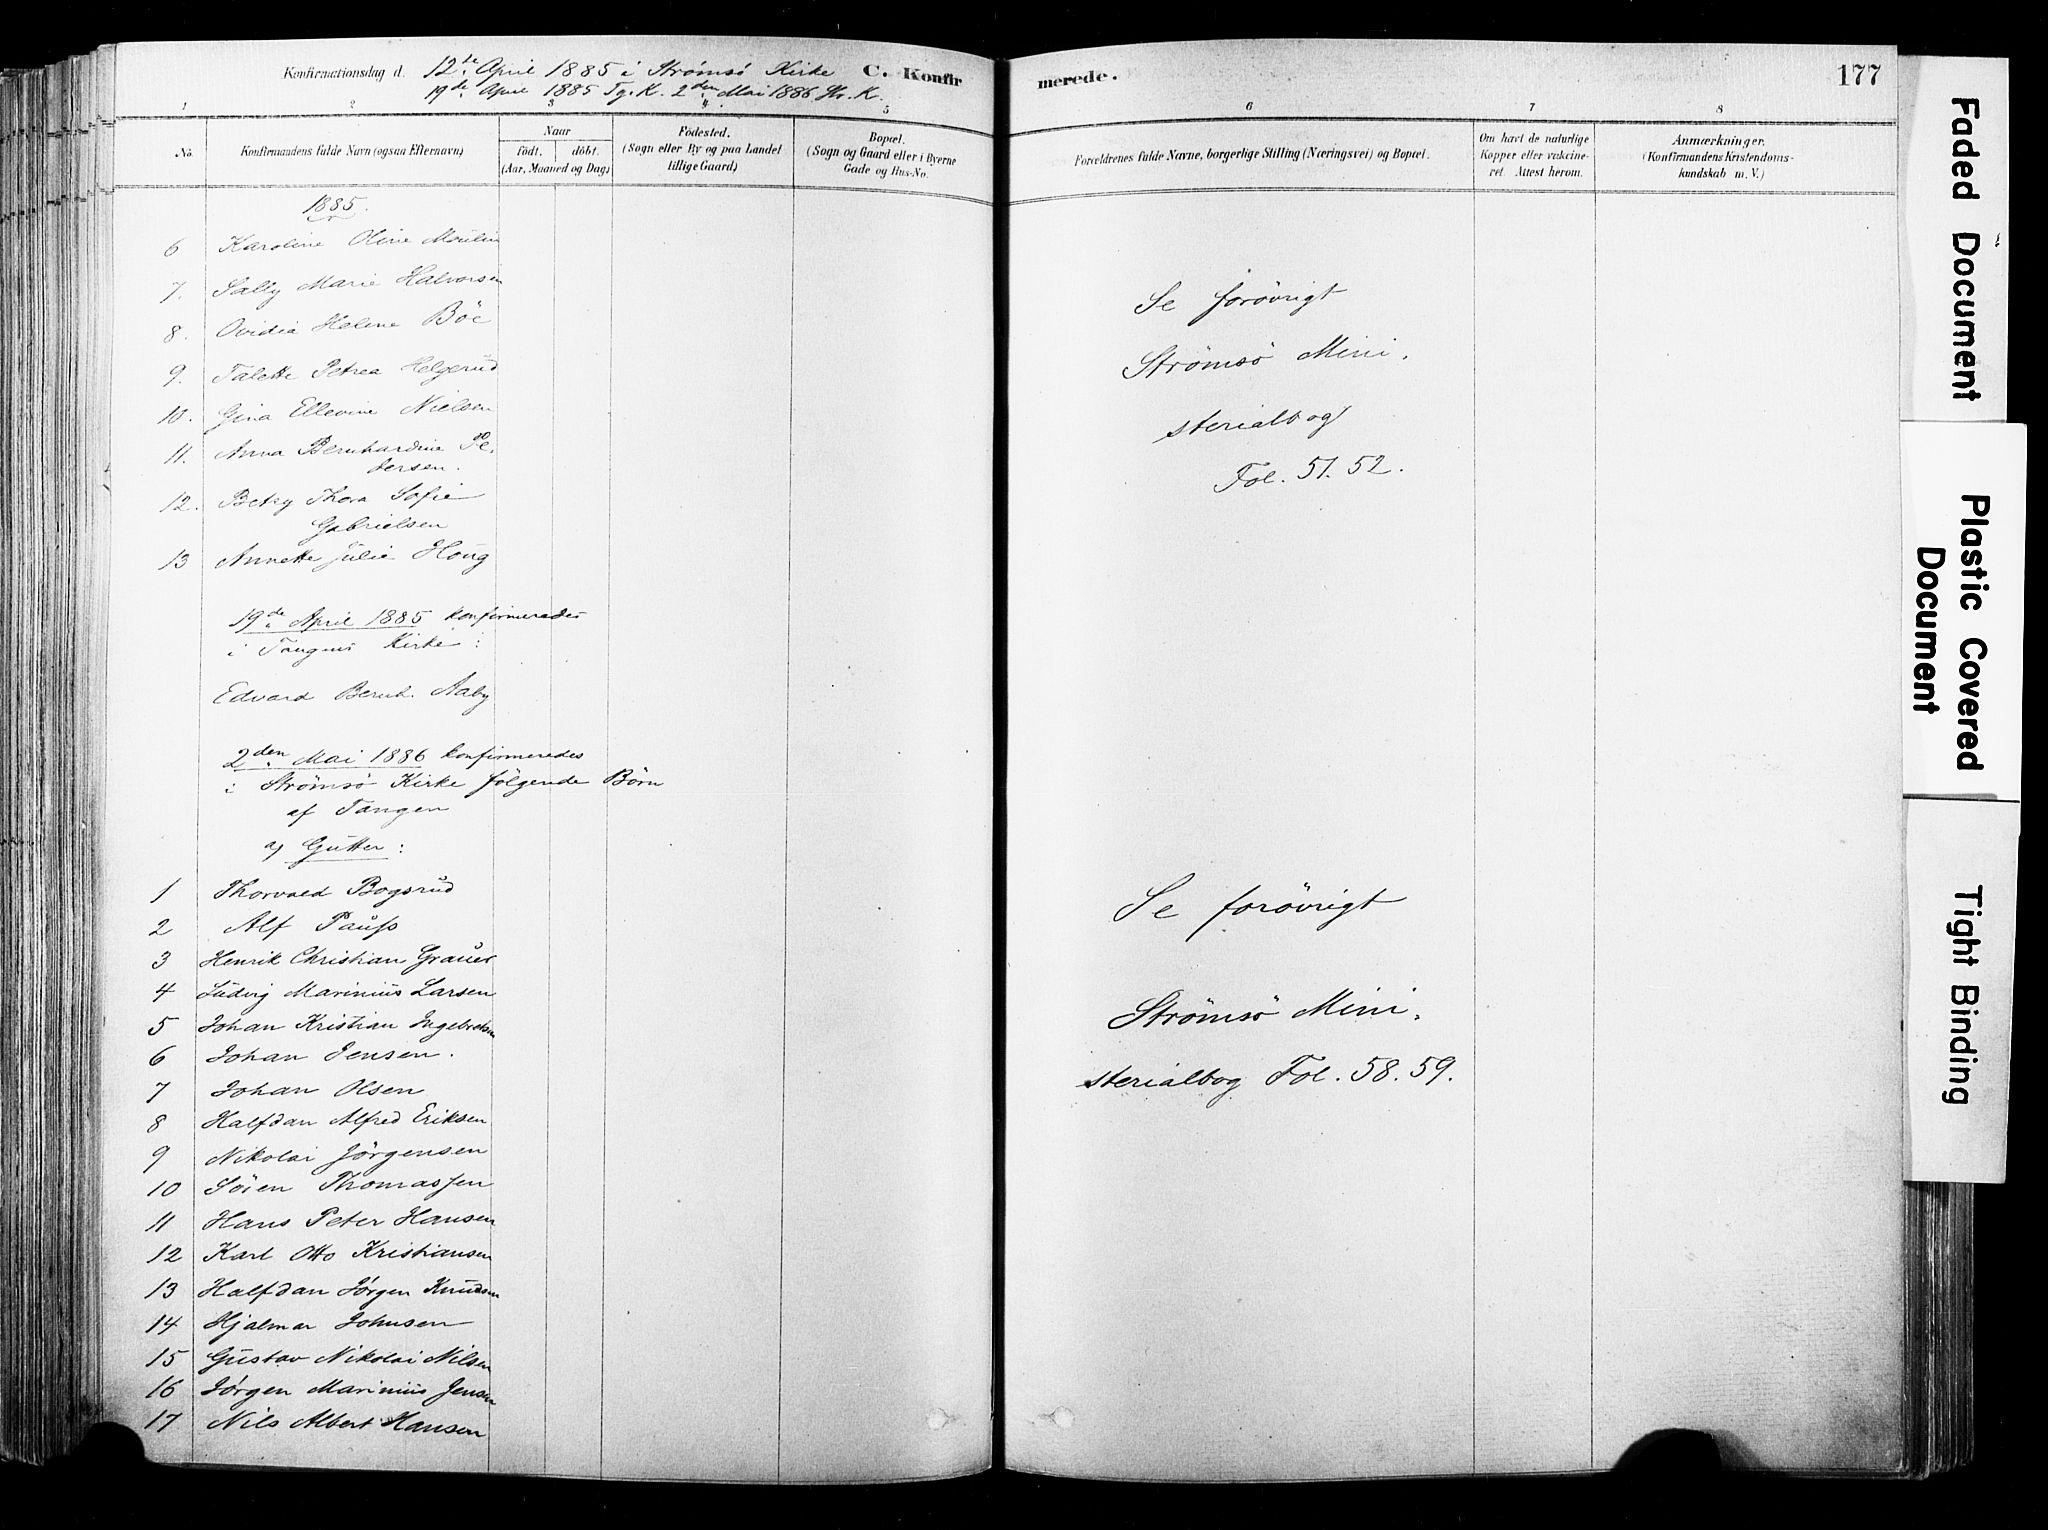 SAKO, Strømsø kirkebøker, F/Fb/L0006: Ministerialbok nr. II 6, 1879-1910, s. 177